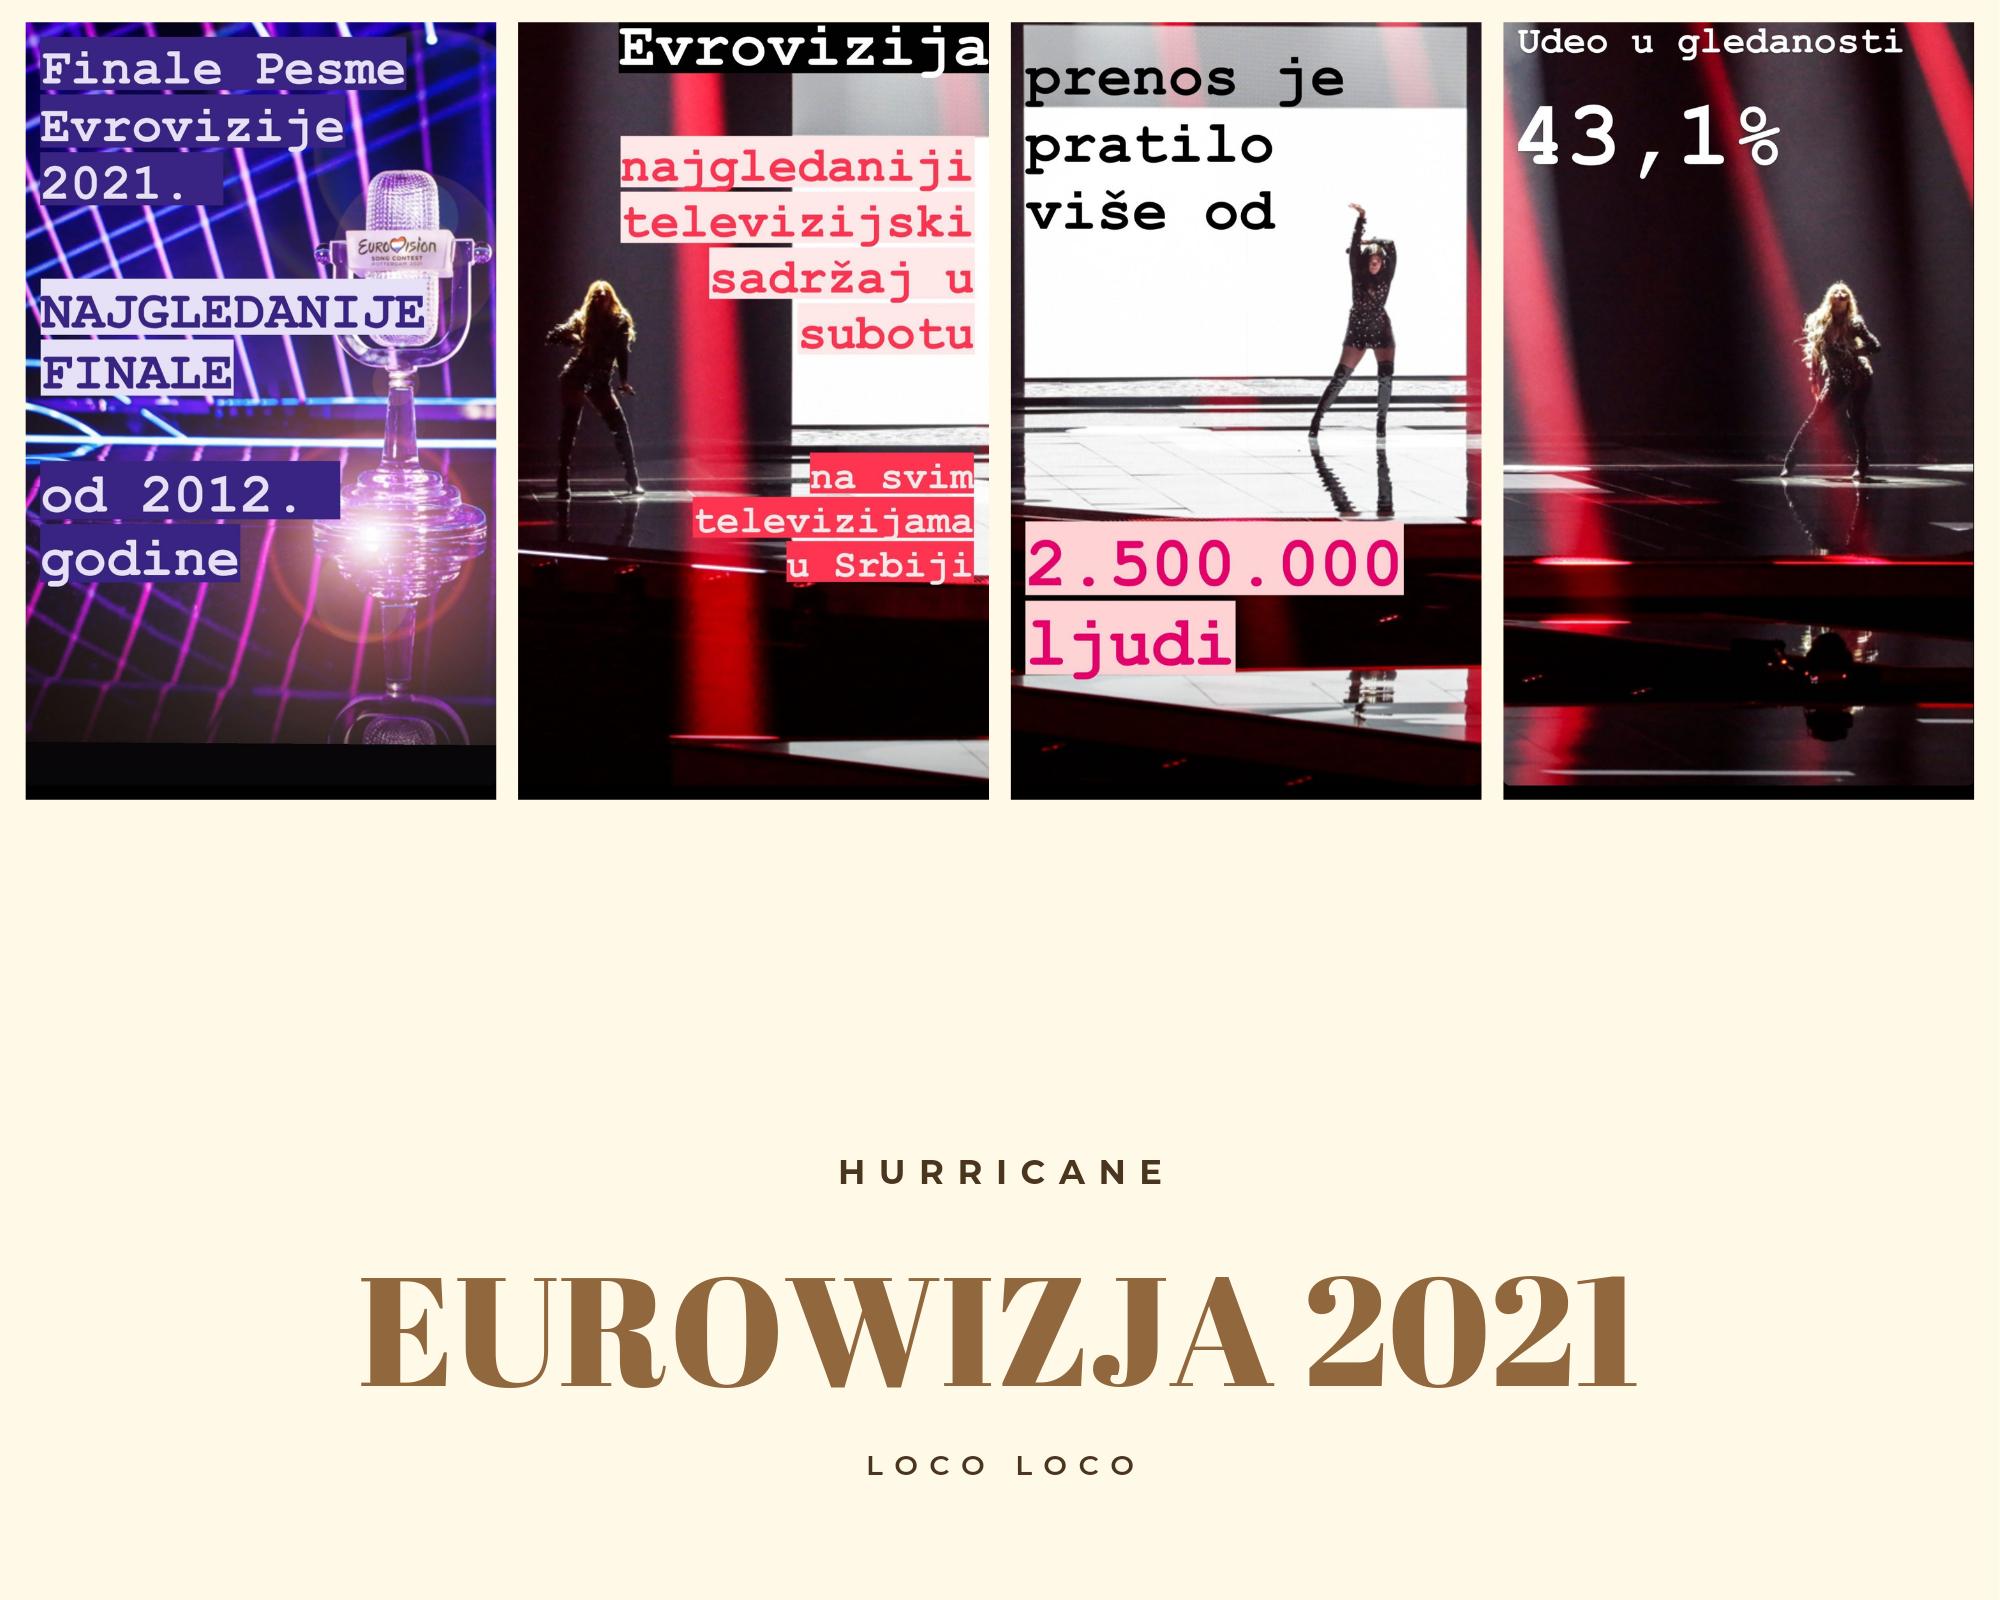 Eurowizja 2021 w Serbii